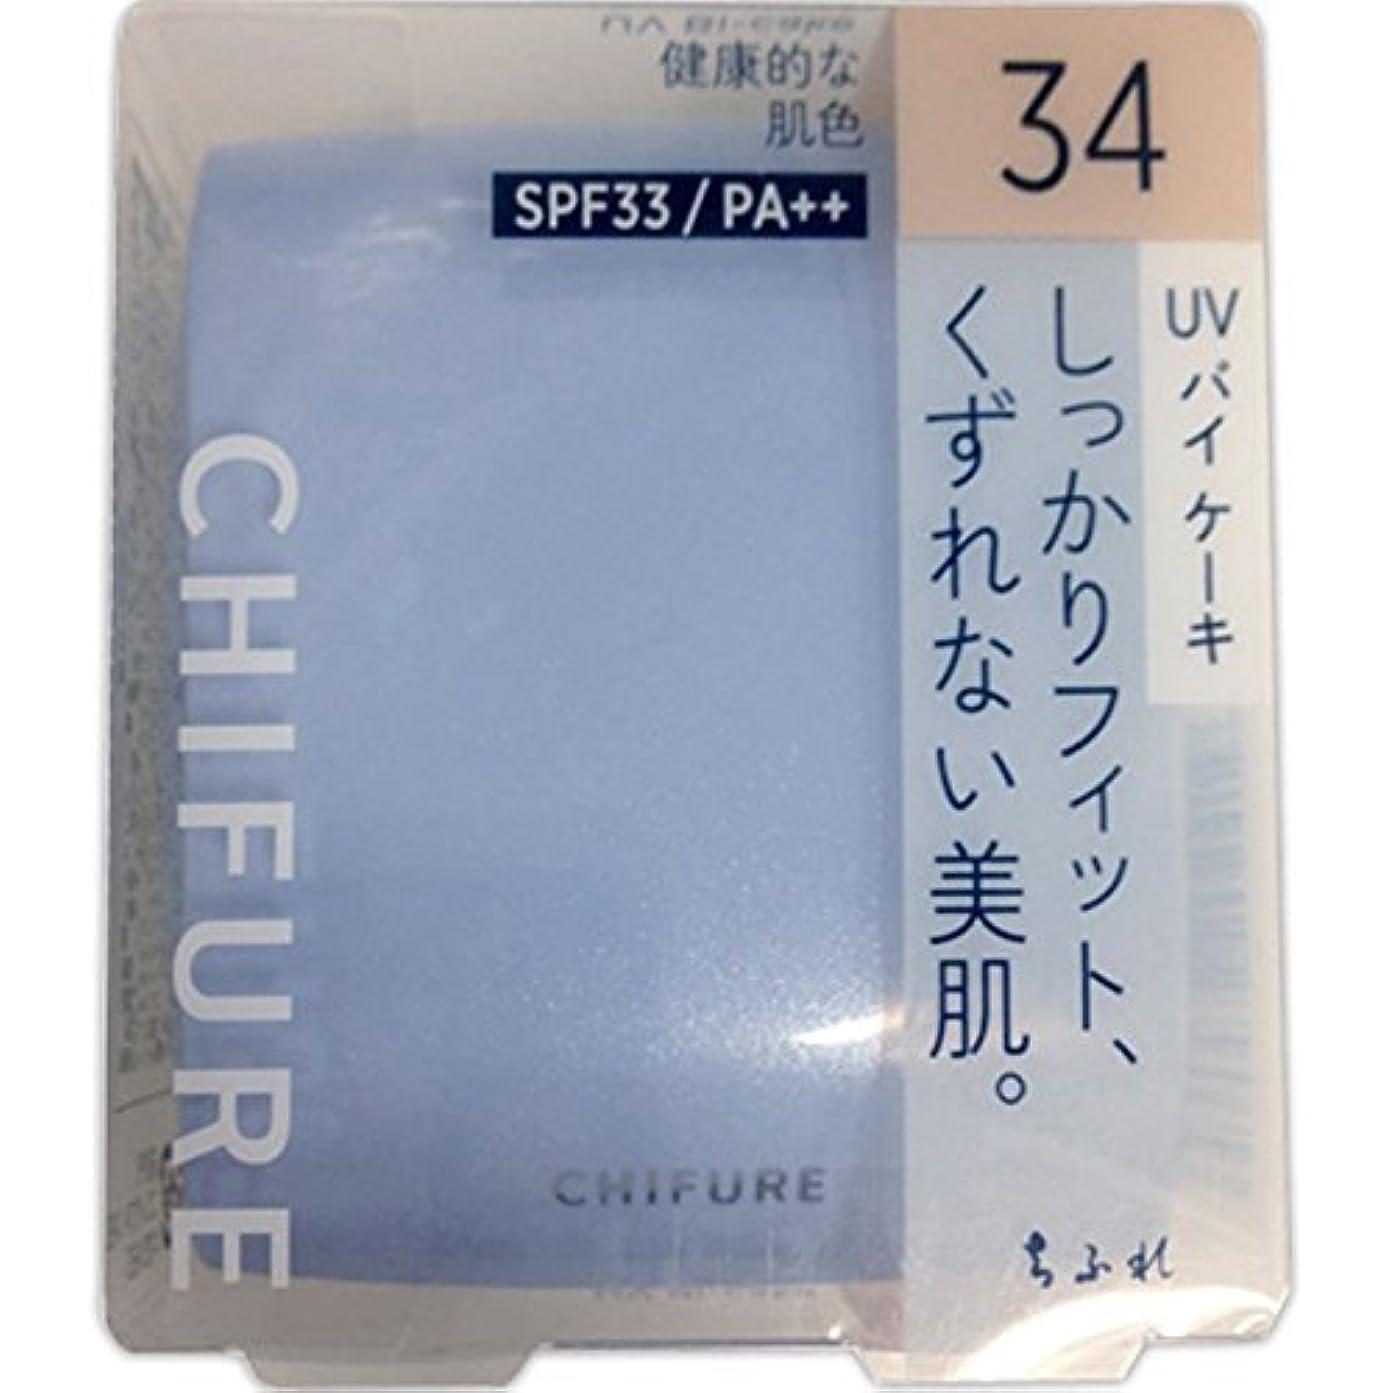 法律いわゆるちふれ化粧品 UV バイ ケーキ(スポンジ入り) 34 健康的な肌色 14g